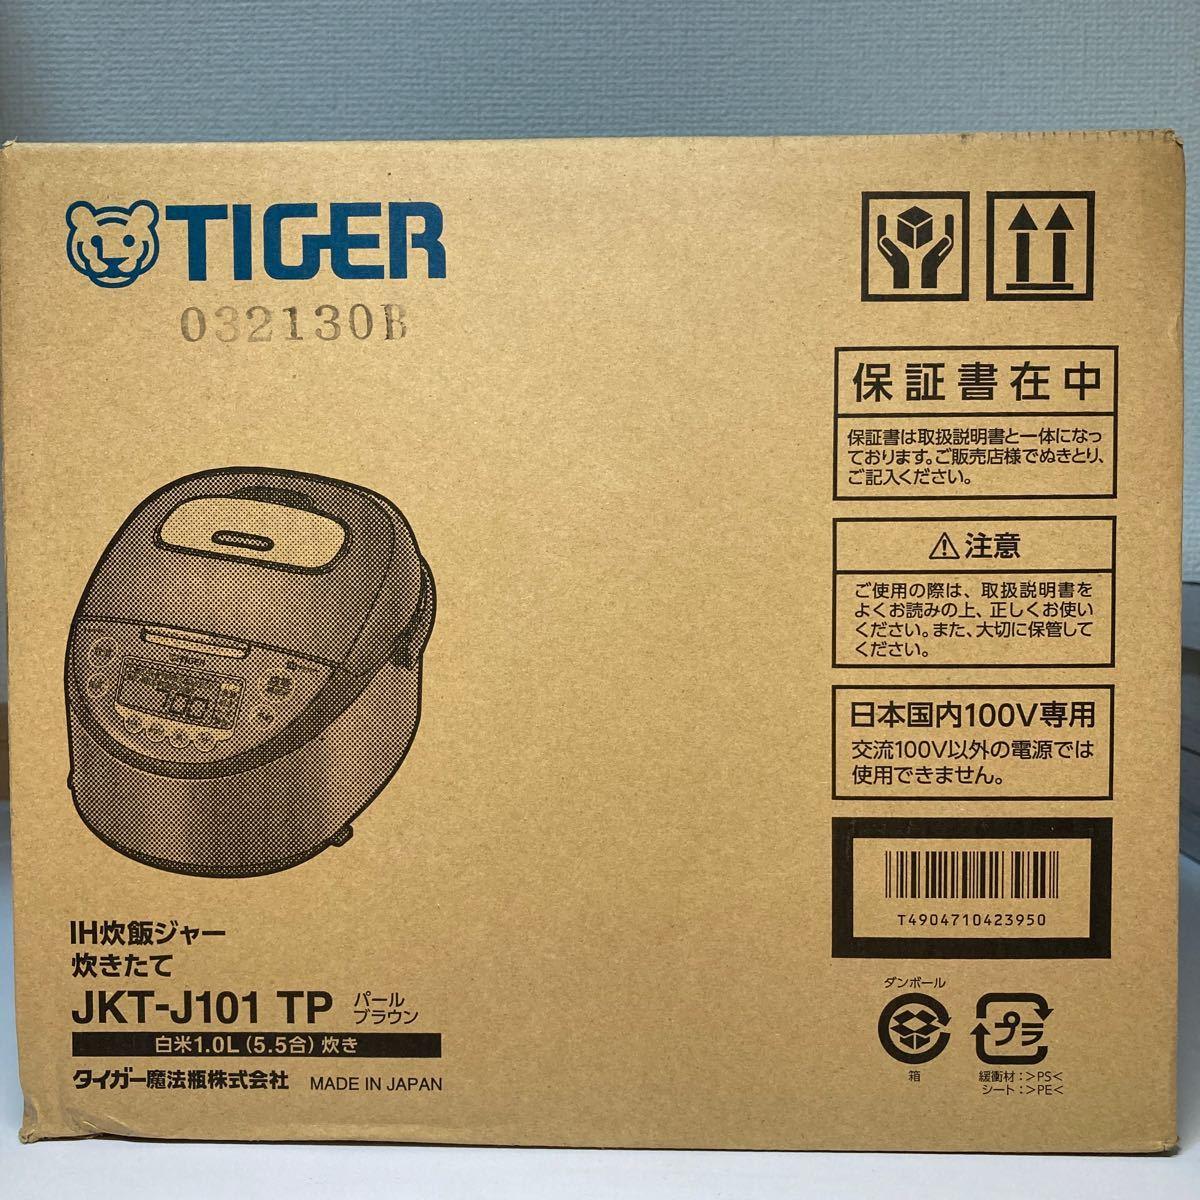 IH炊飯ジャー 炊きたて JKT-J101(TP)